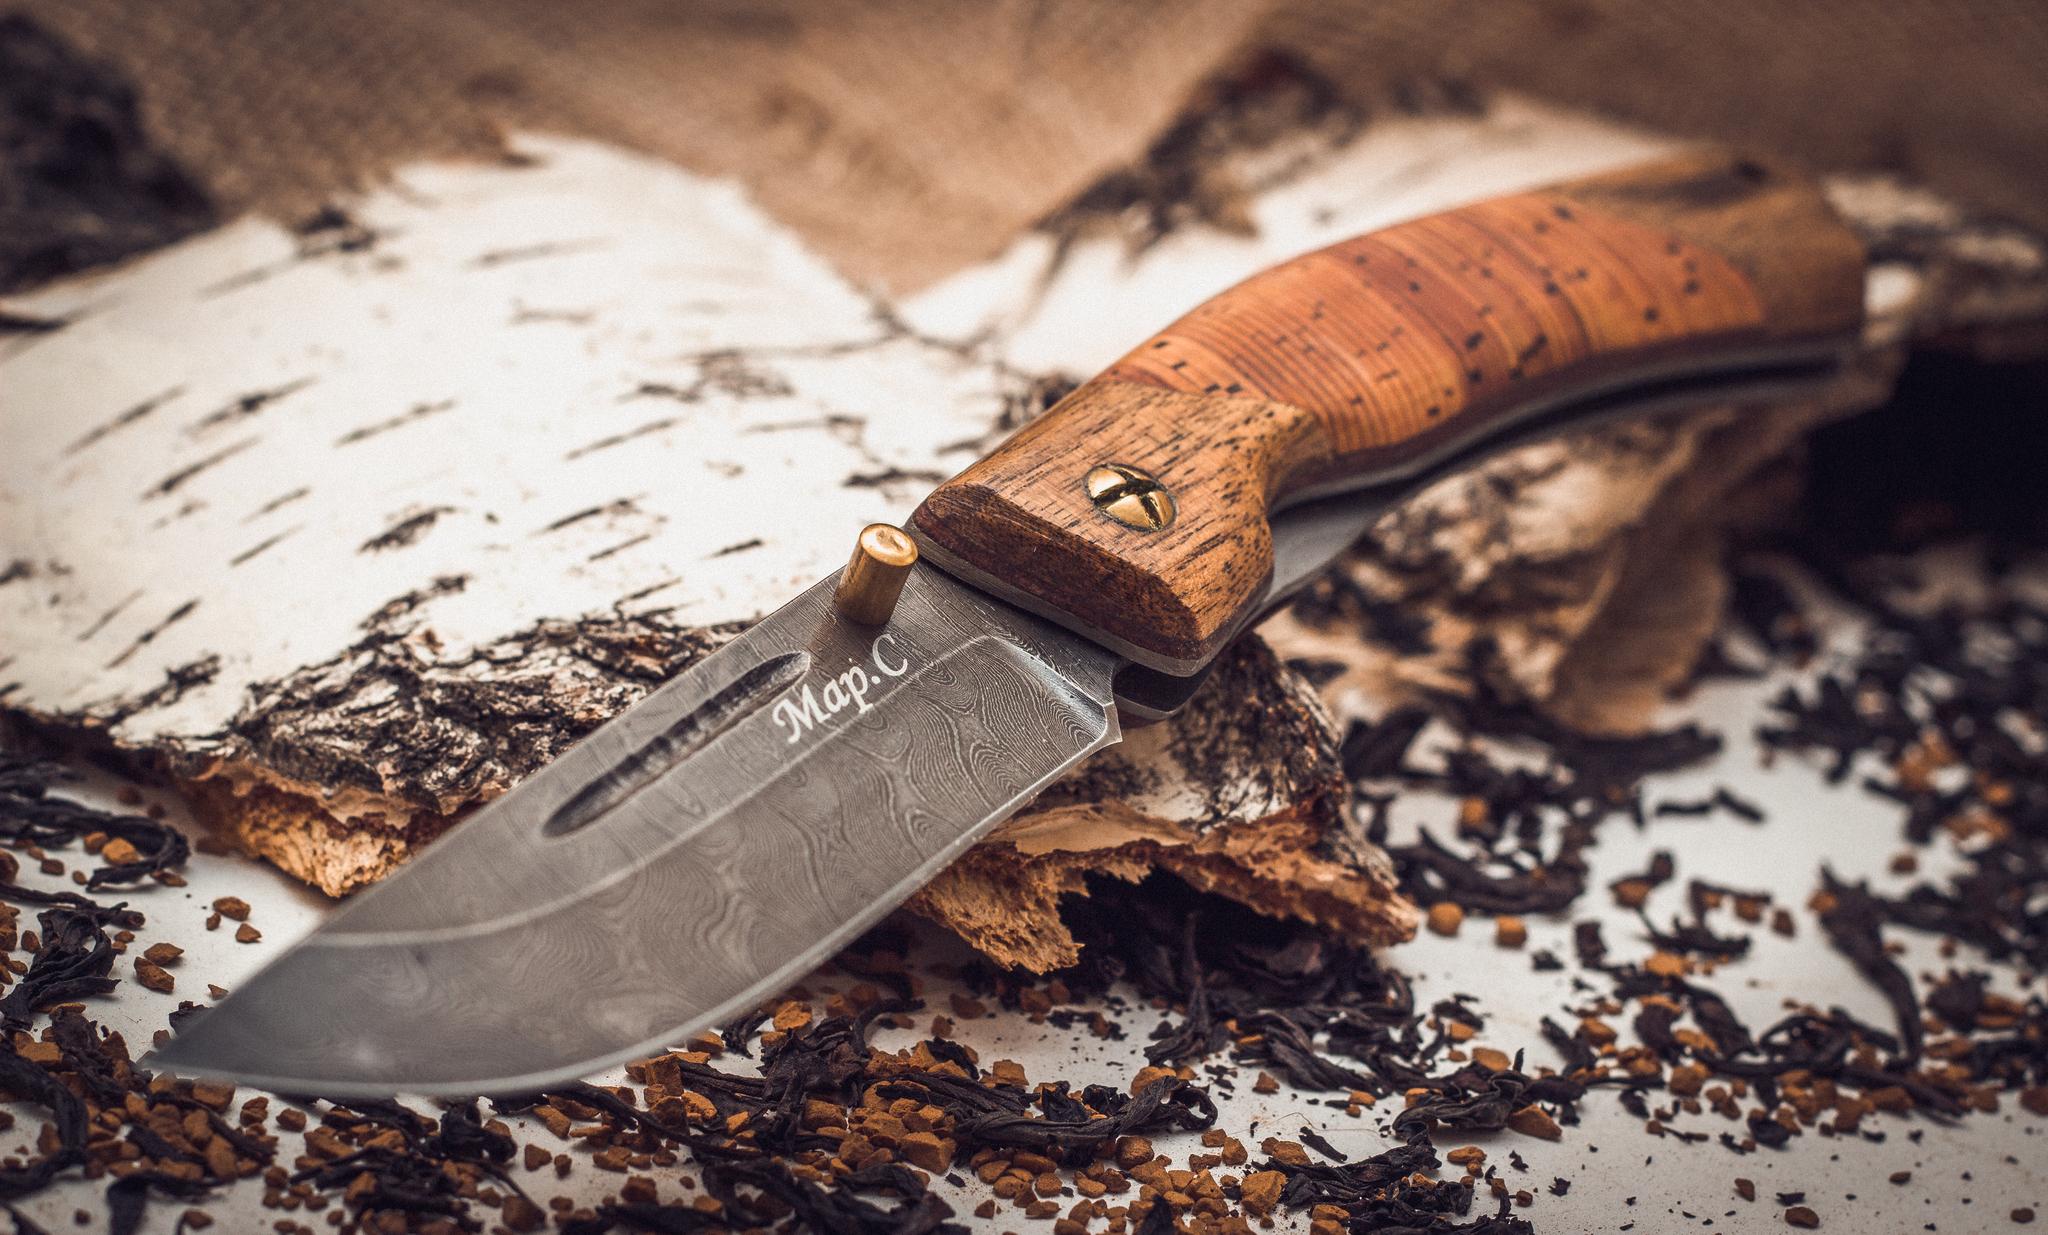 Фото 5 - Складной нож Нижегородец, дамаск, береста от Марычев